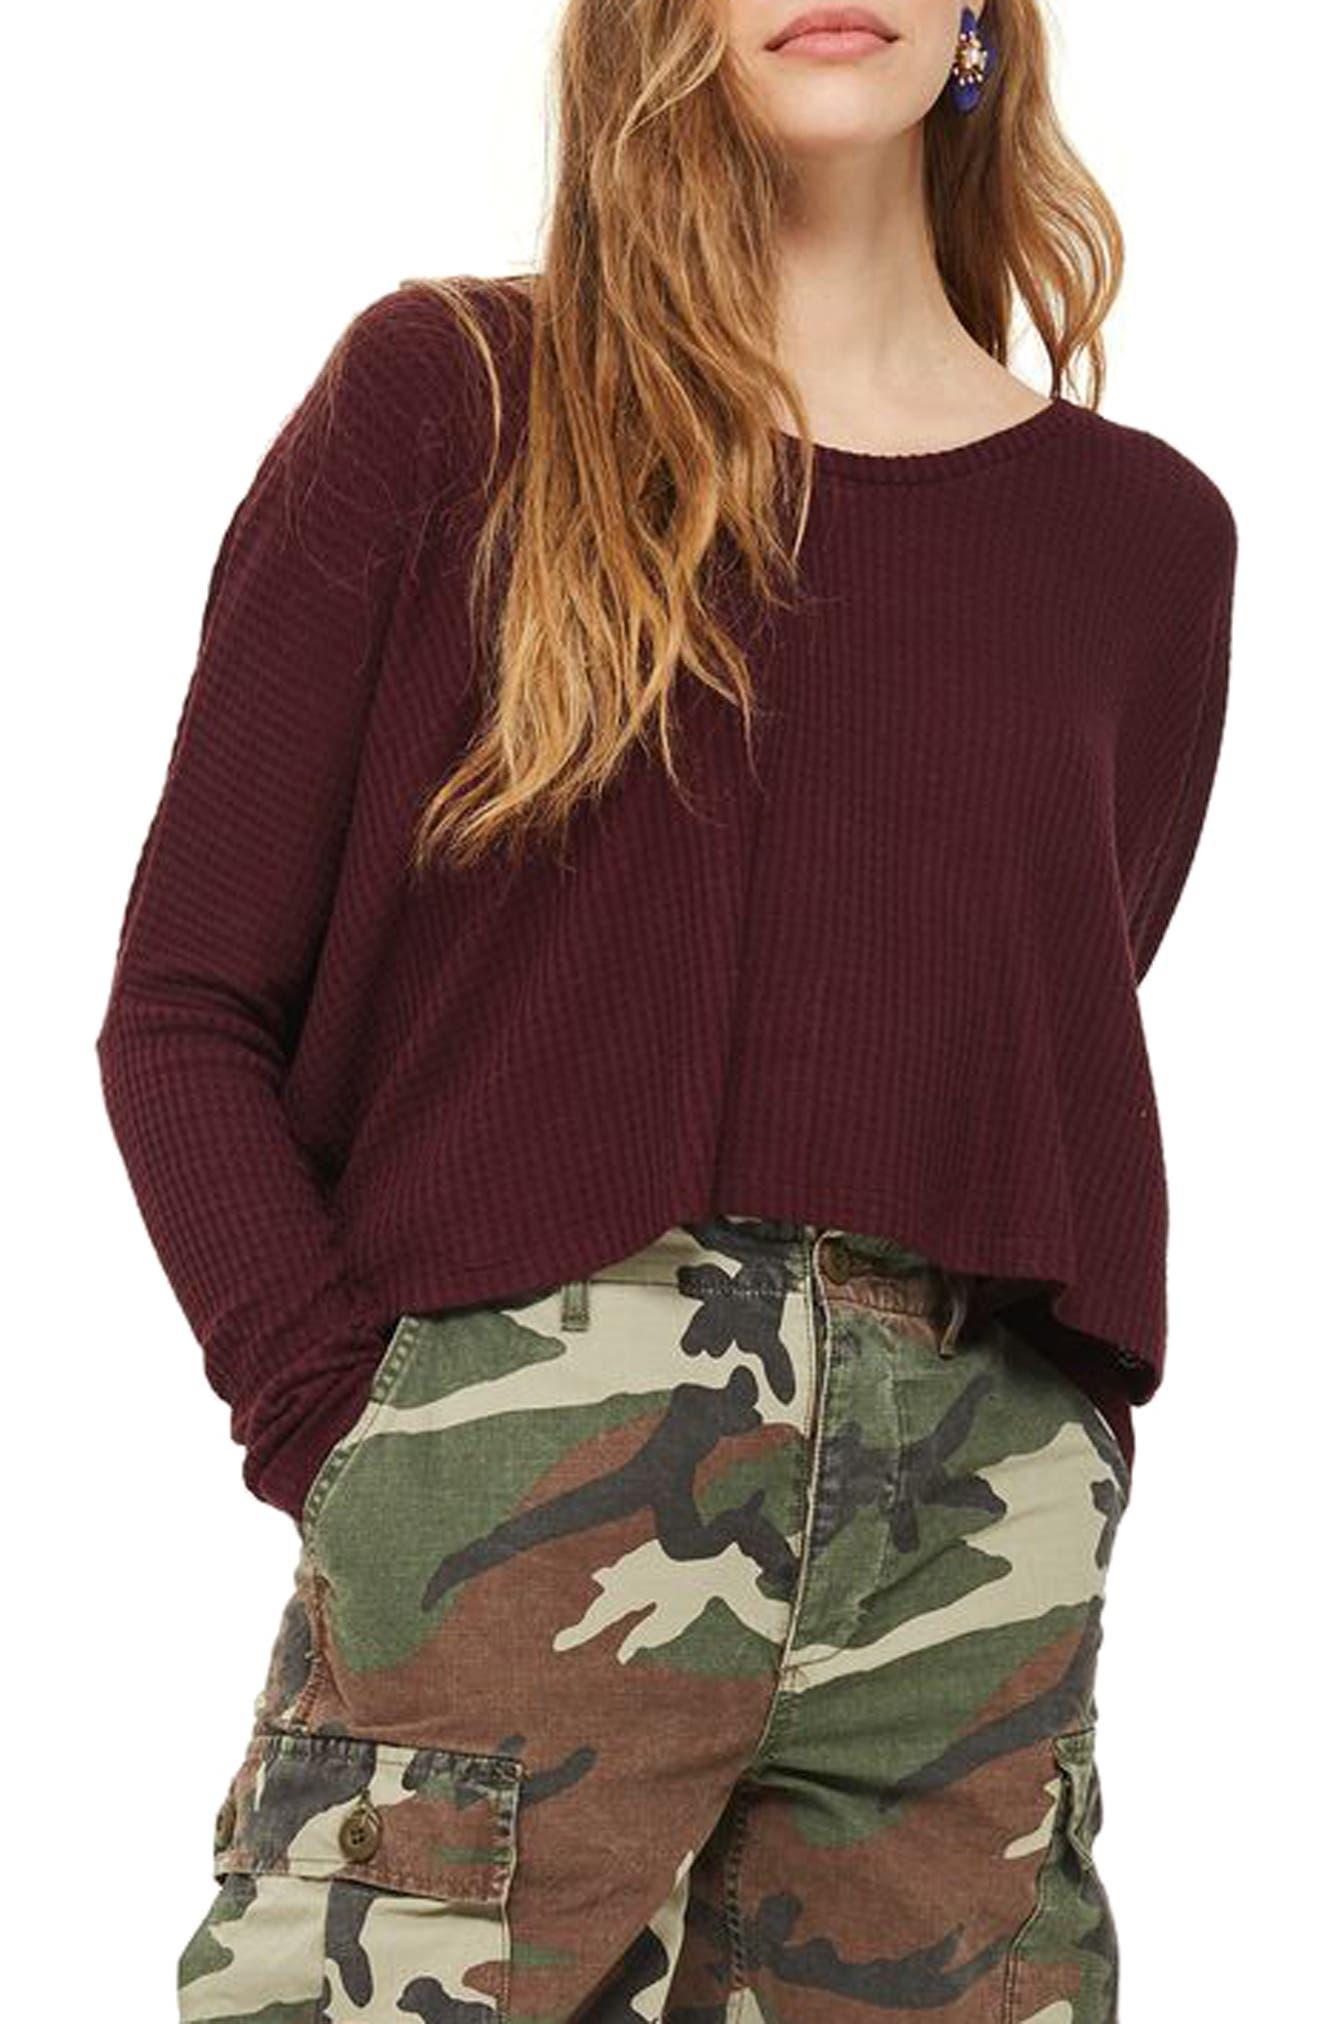 Topshop Waffle Knit Sweatshirt